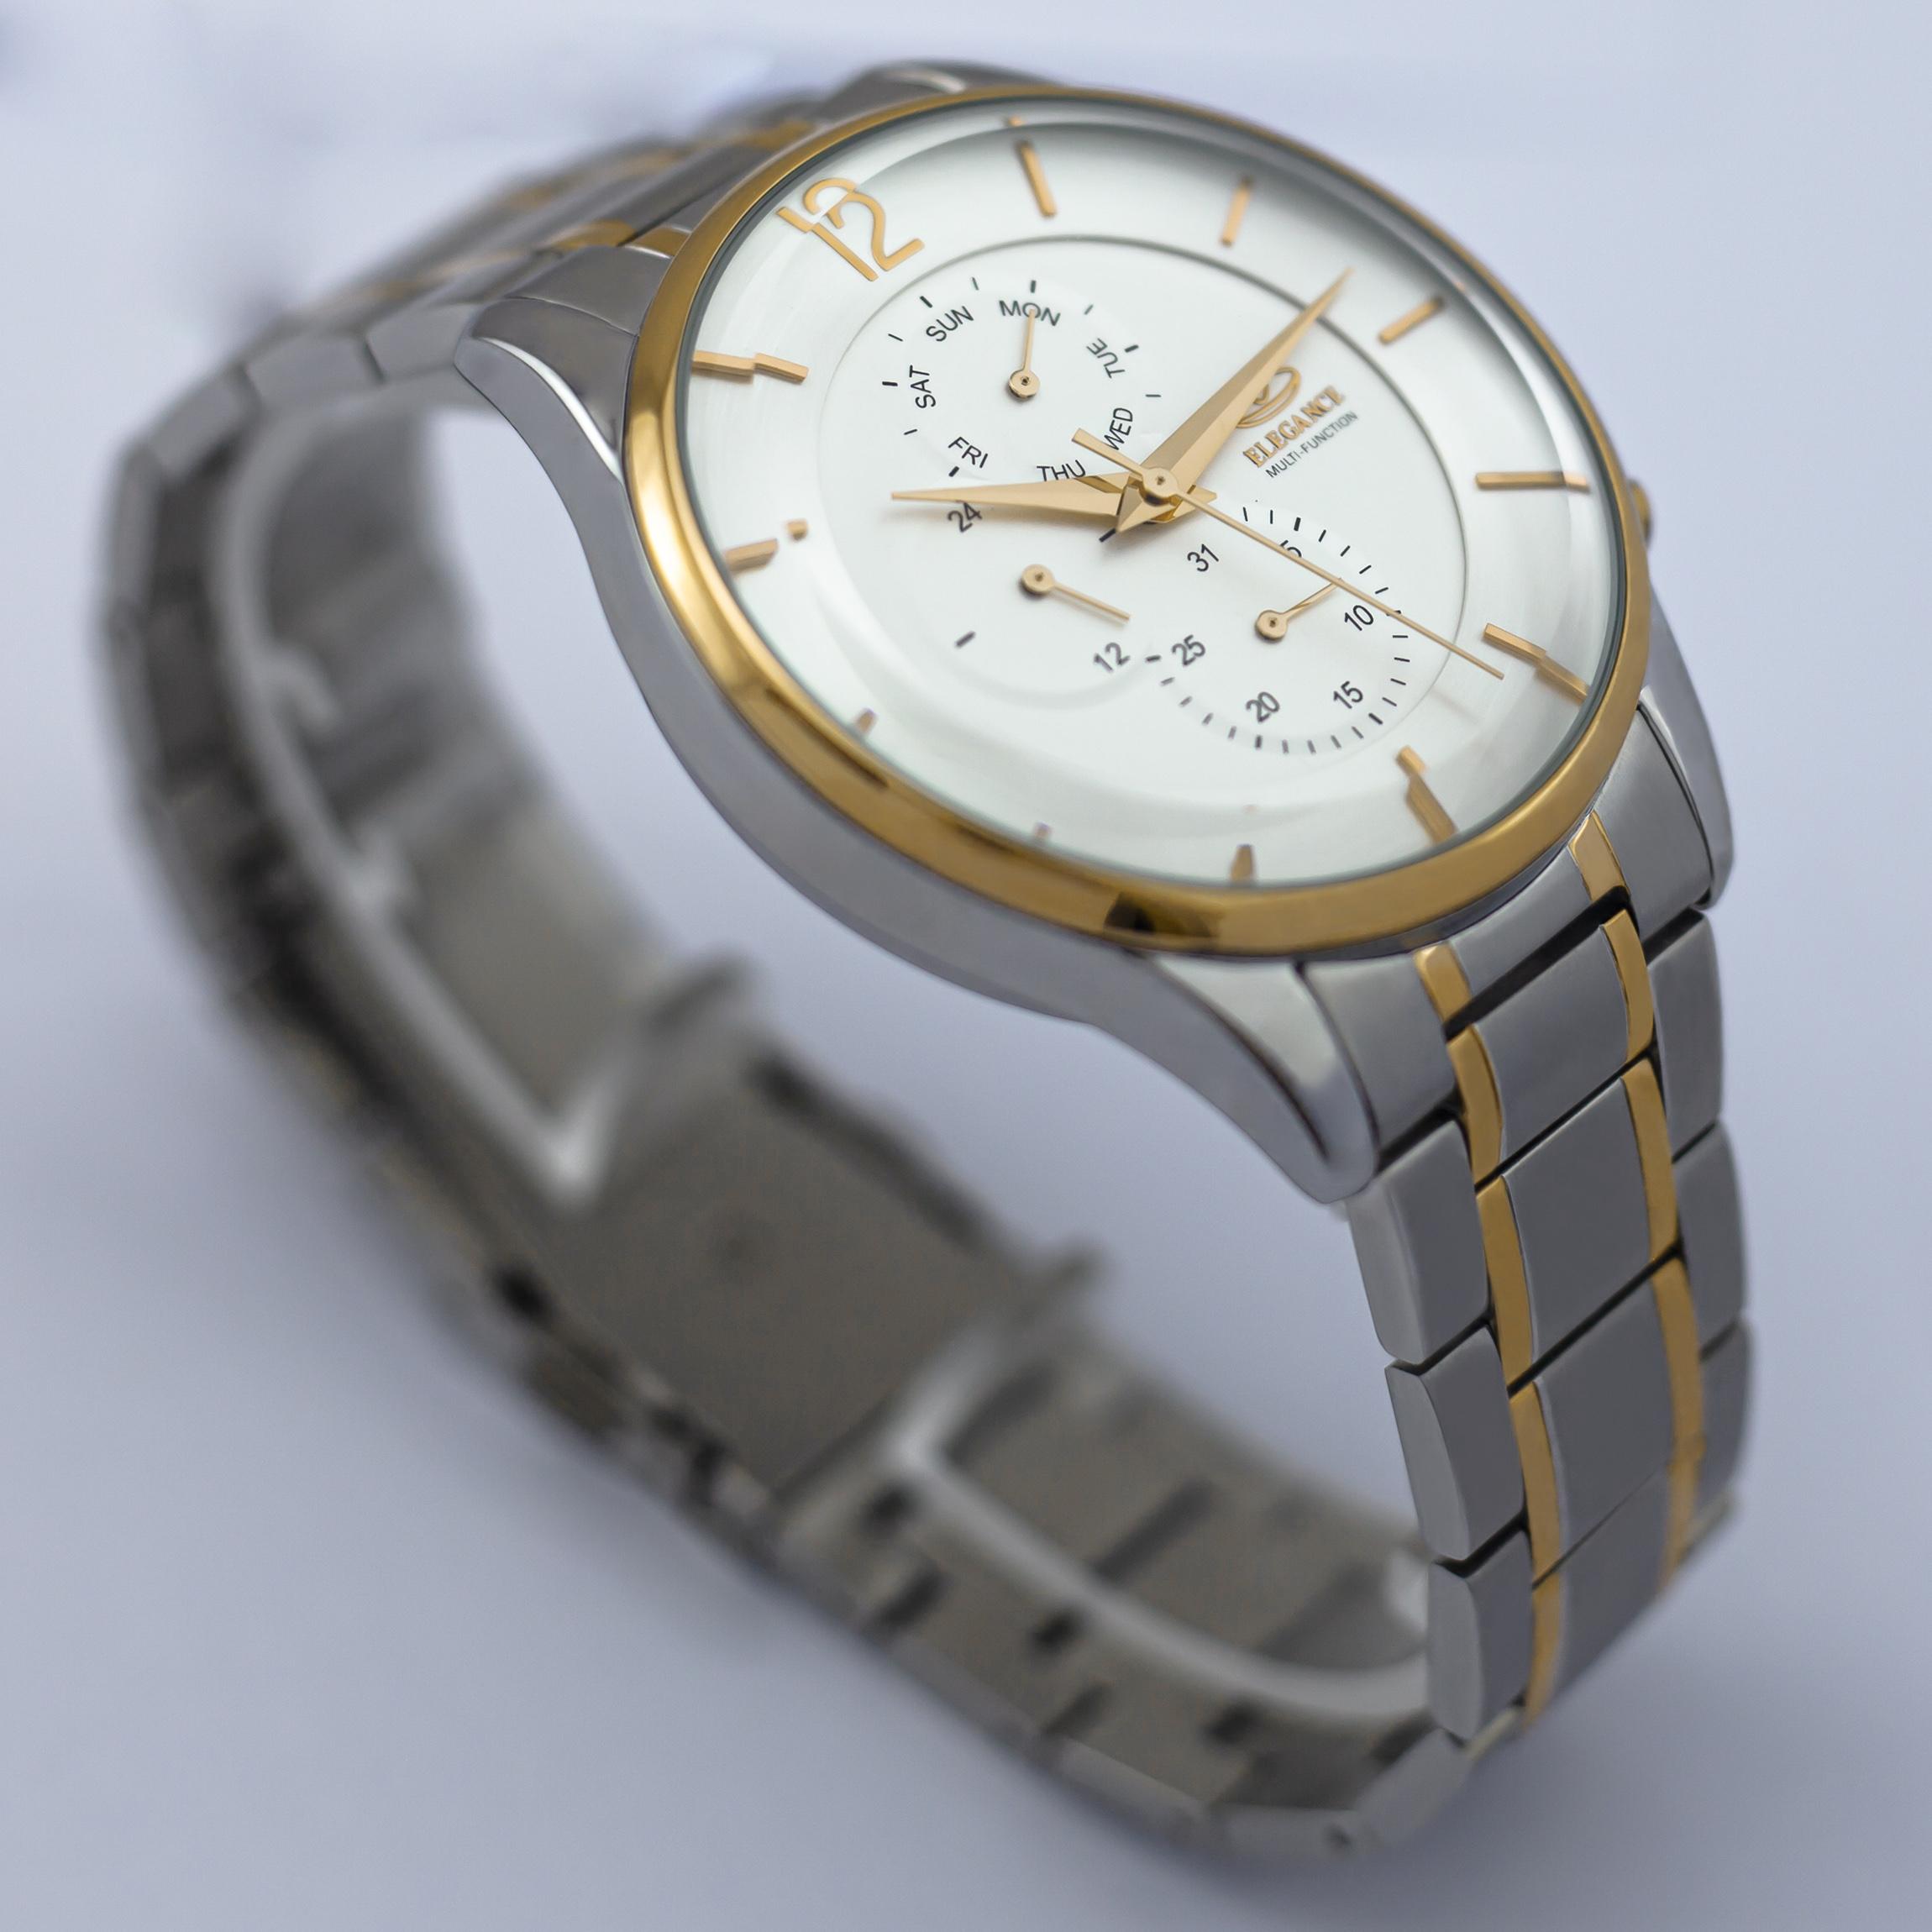 ست ساعت مچی عقربه ای زنانه و مردانه الگانس مدل EG1196